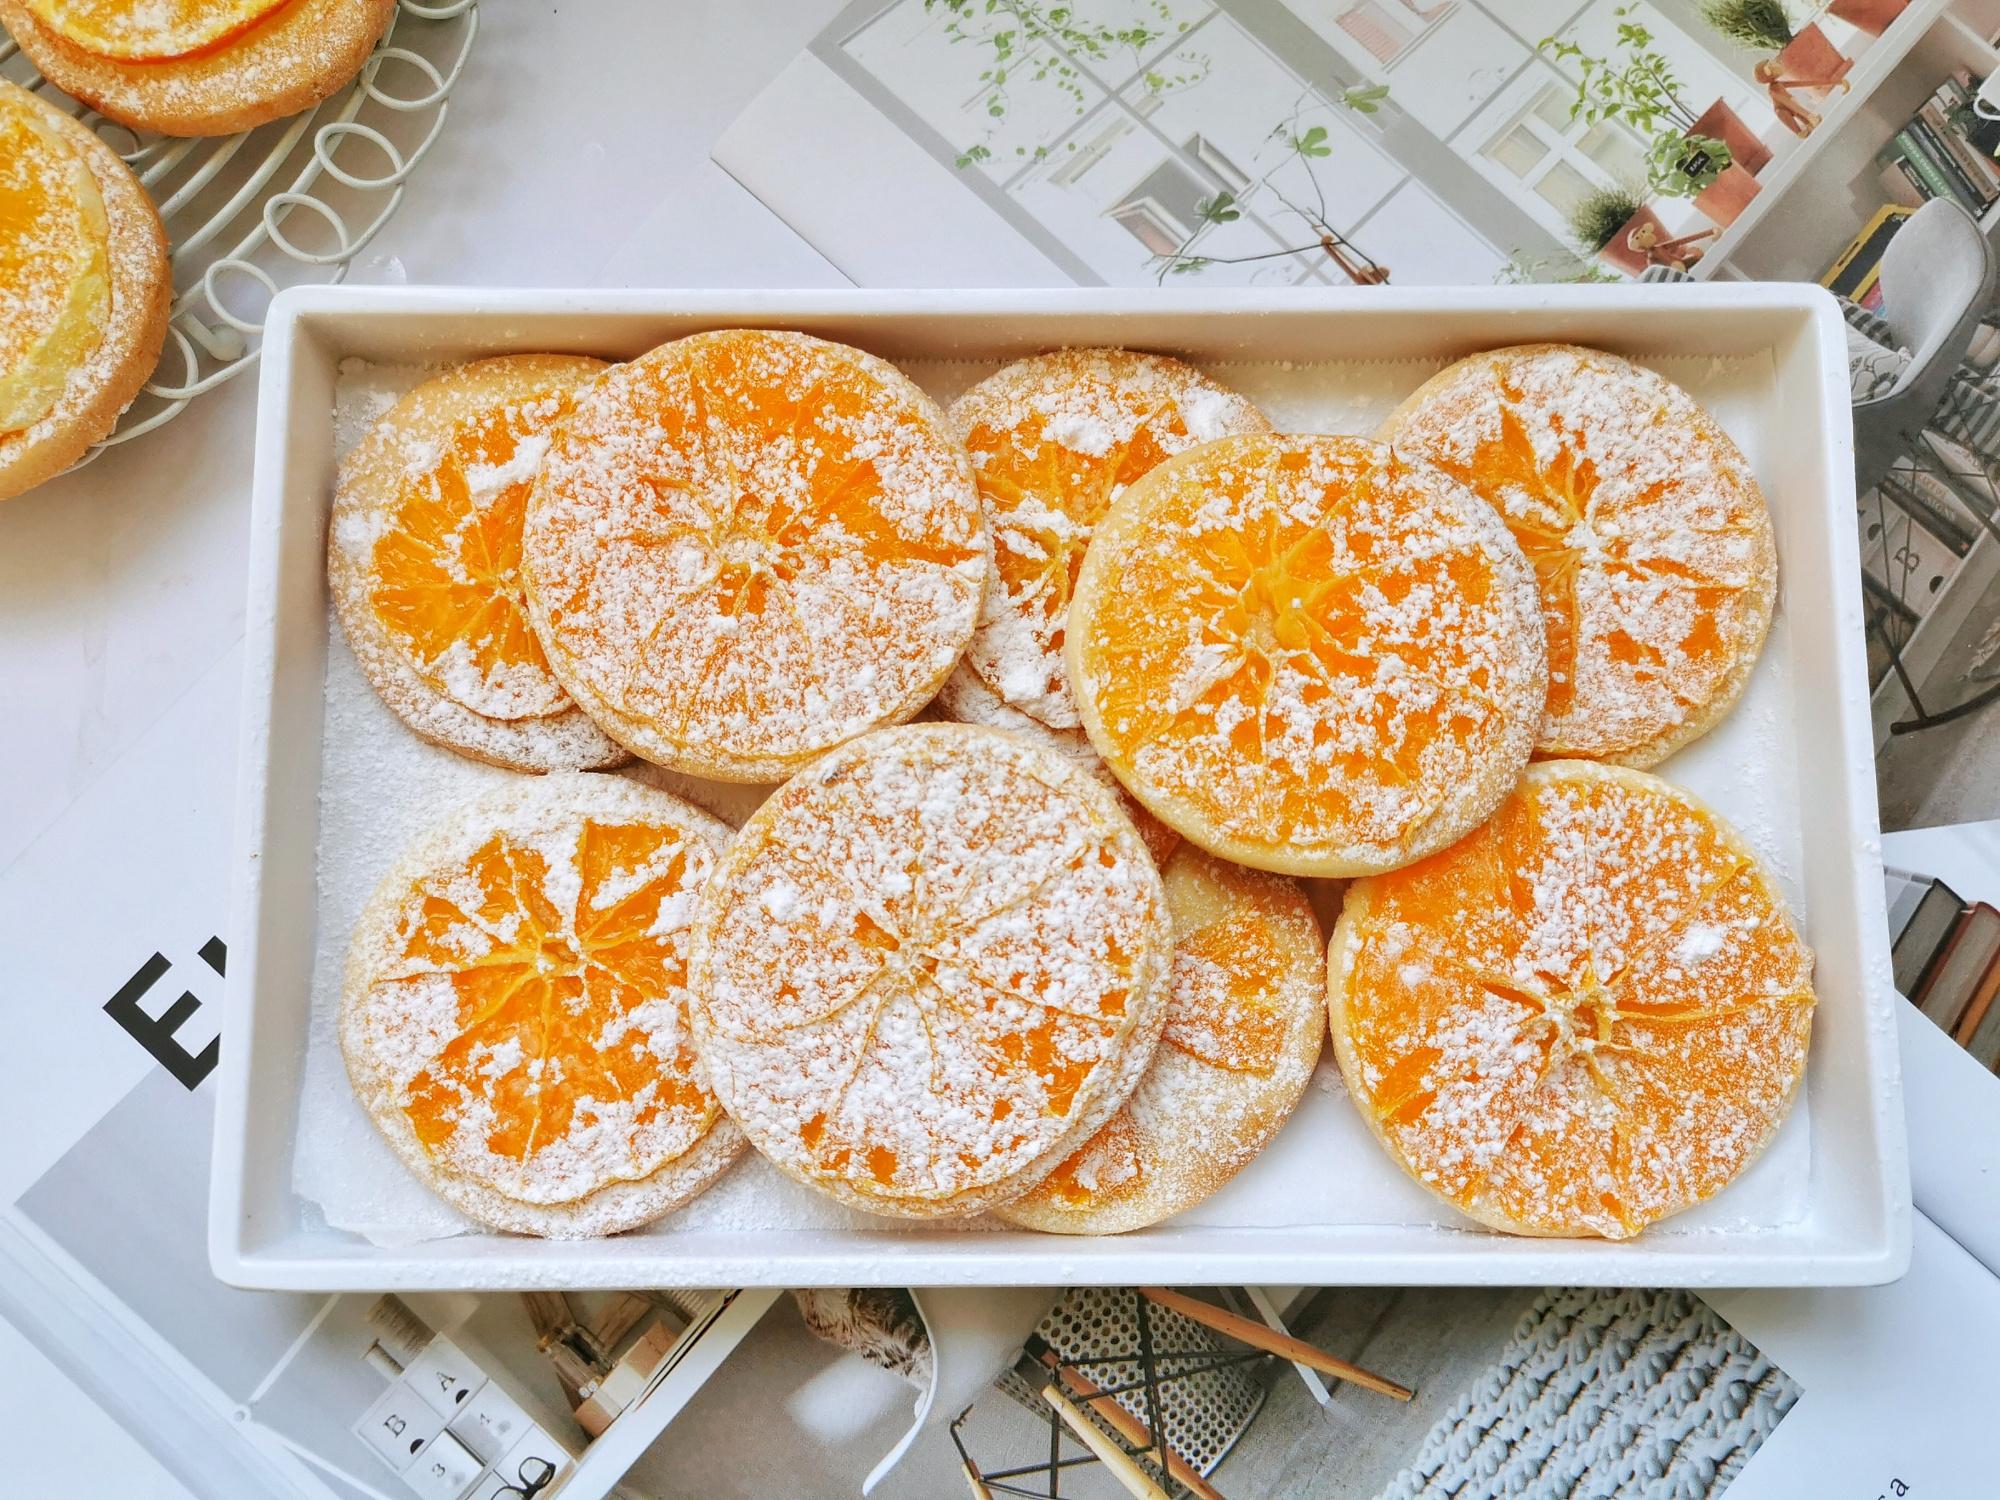 5種食材教你做網紅餅乾,一口爆汁酥掉渣兒,做法簡單寓意好